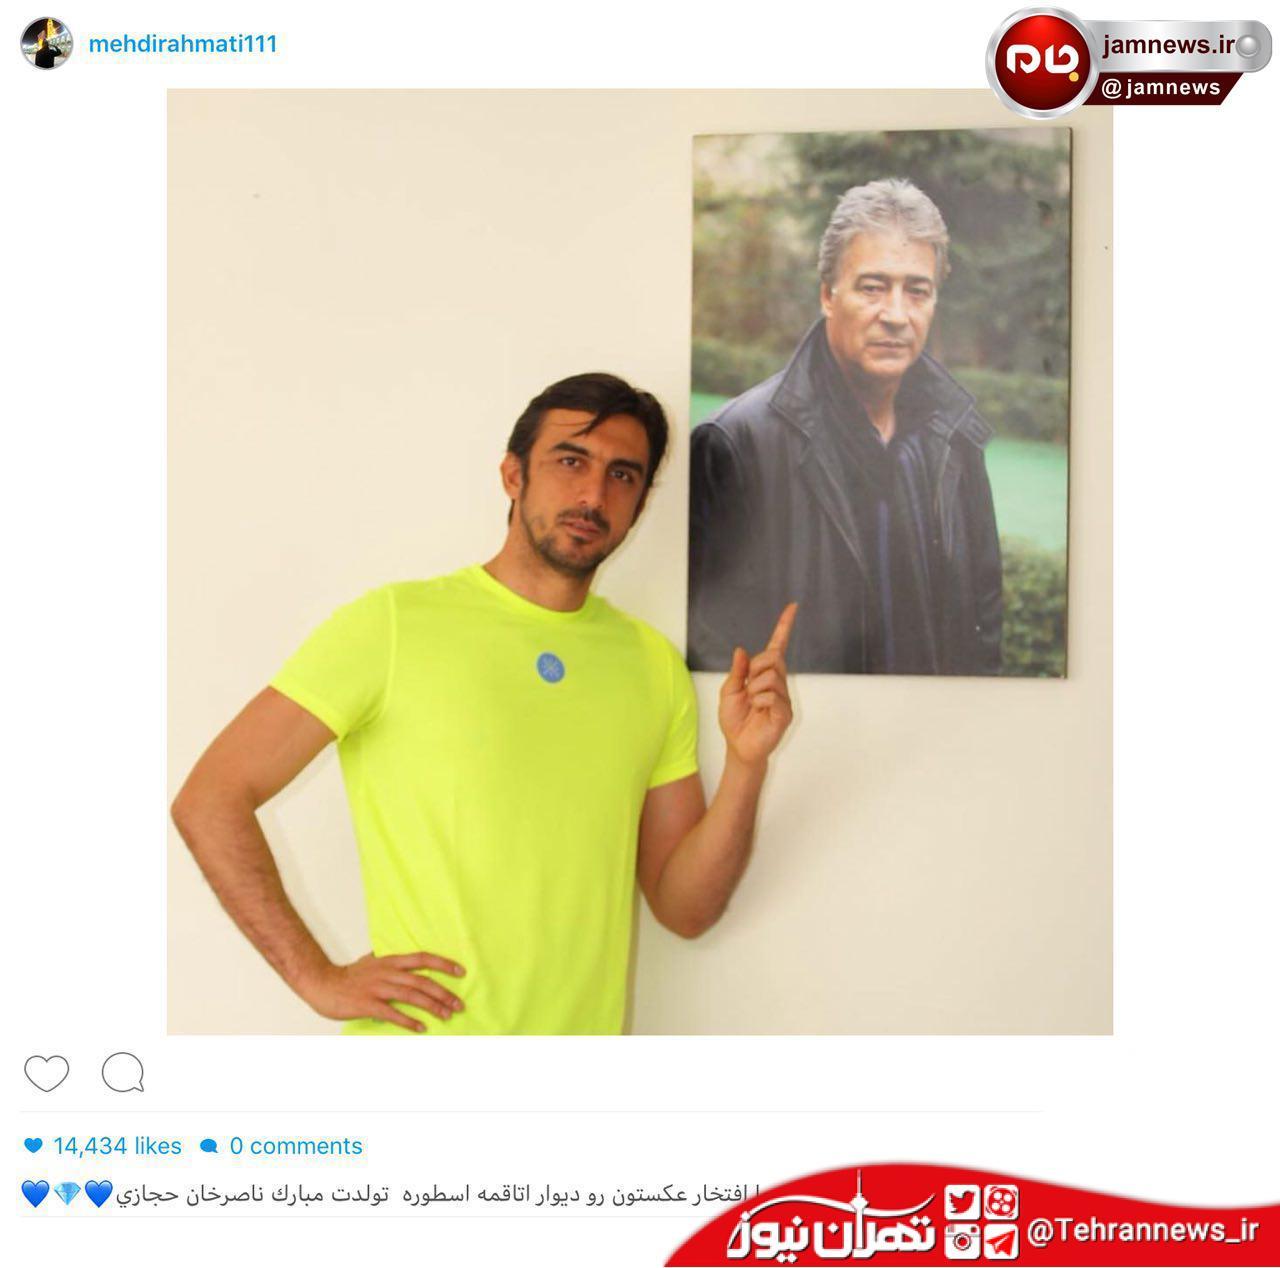 واکنش مهدی رحمتی به تولد زنده یاد ناصر حجازی + عکس